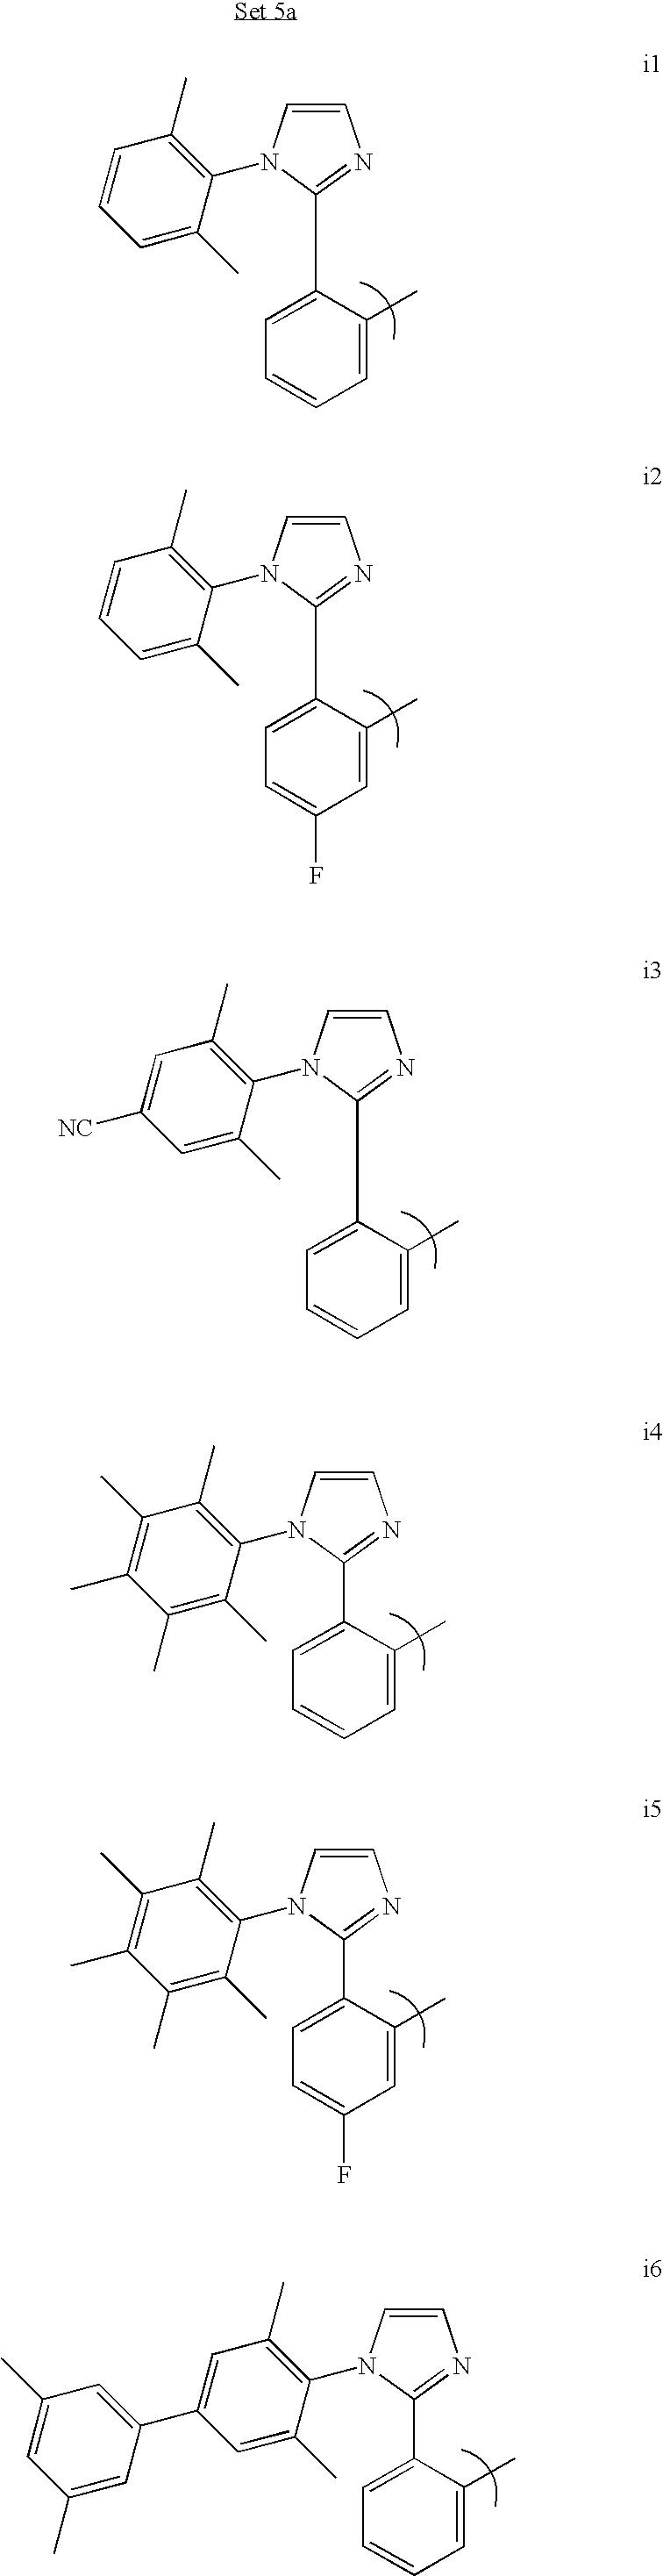 Figure US20070088167A1-20070419-C00011